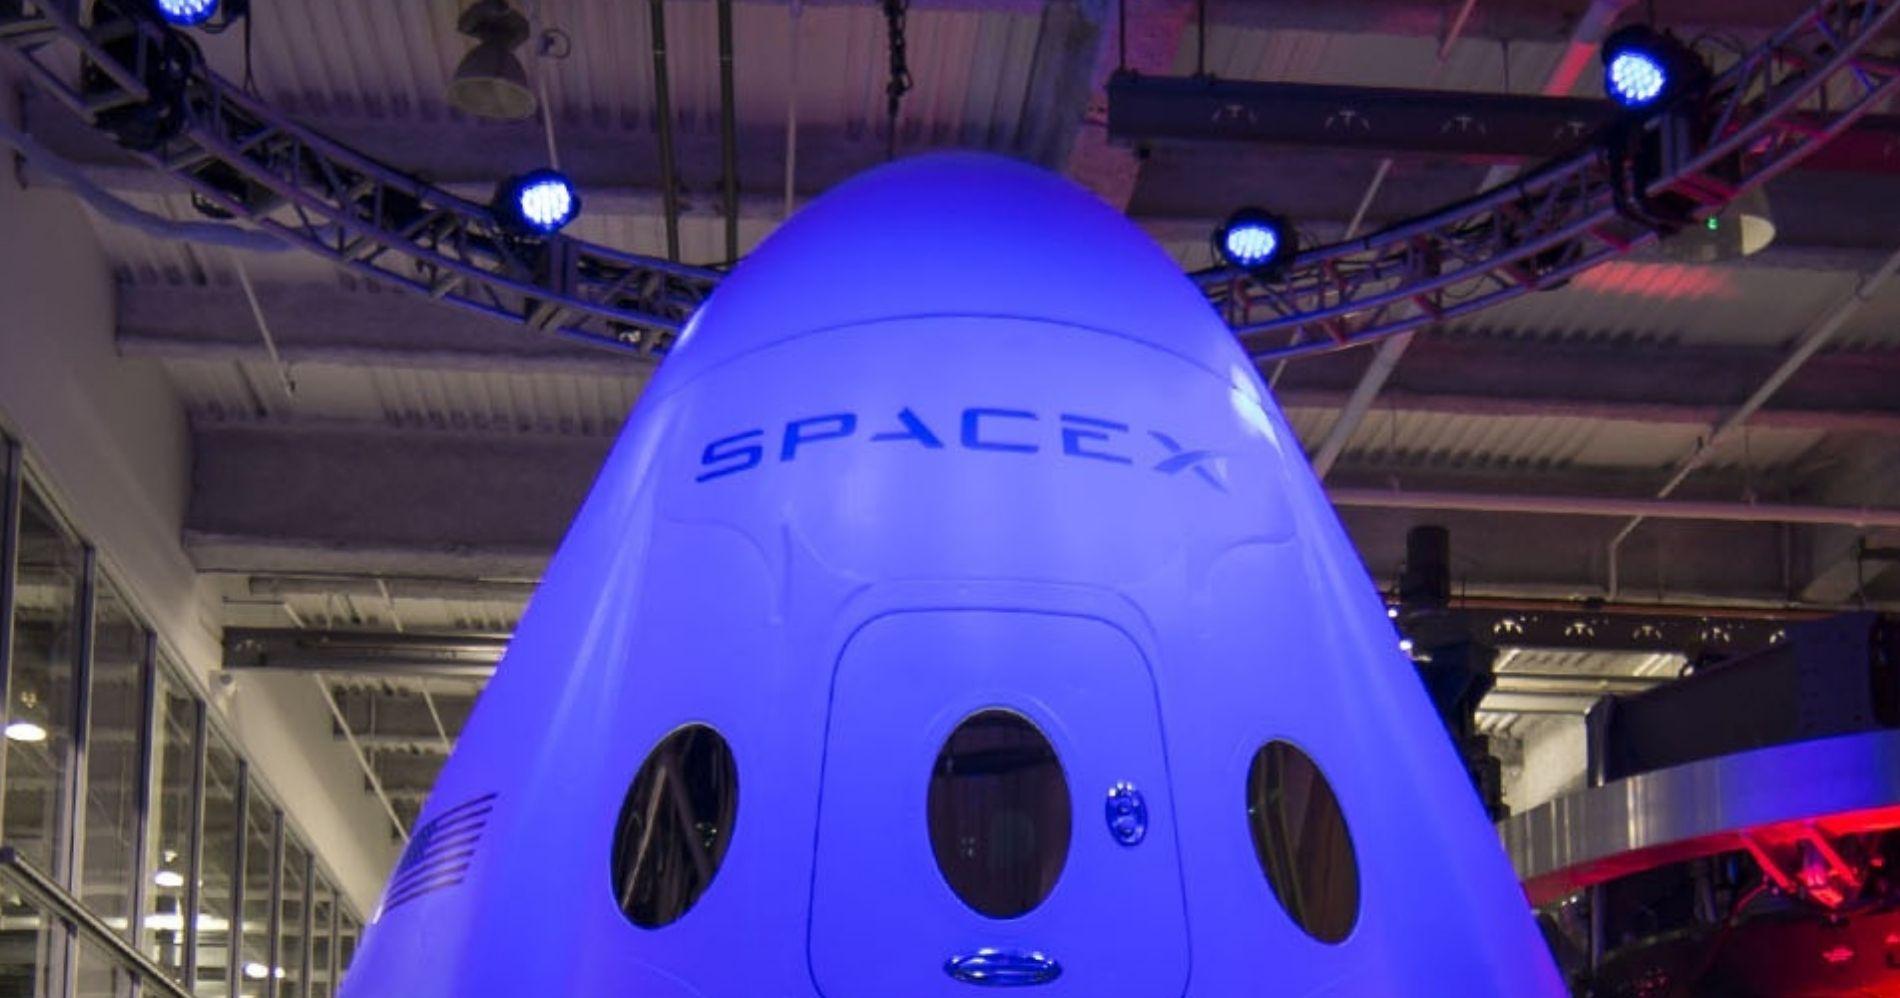 SpaceX Siap Kirim Kru Masyarakat Sipil Pertamanya ke Orbit Bumi Illustration Web Bisnis Muda - Image: Canva